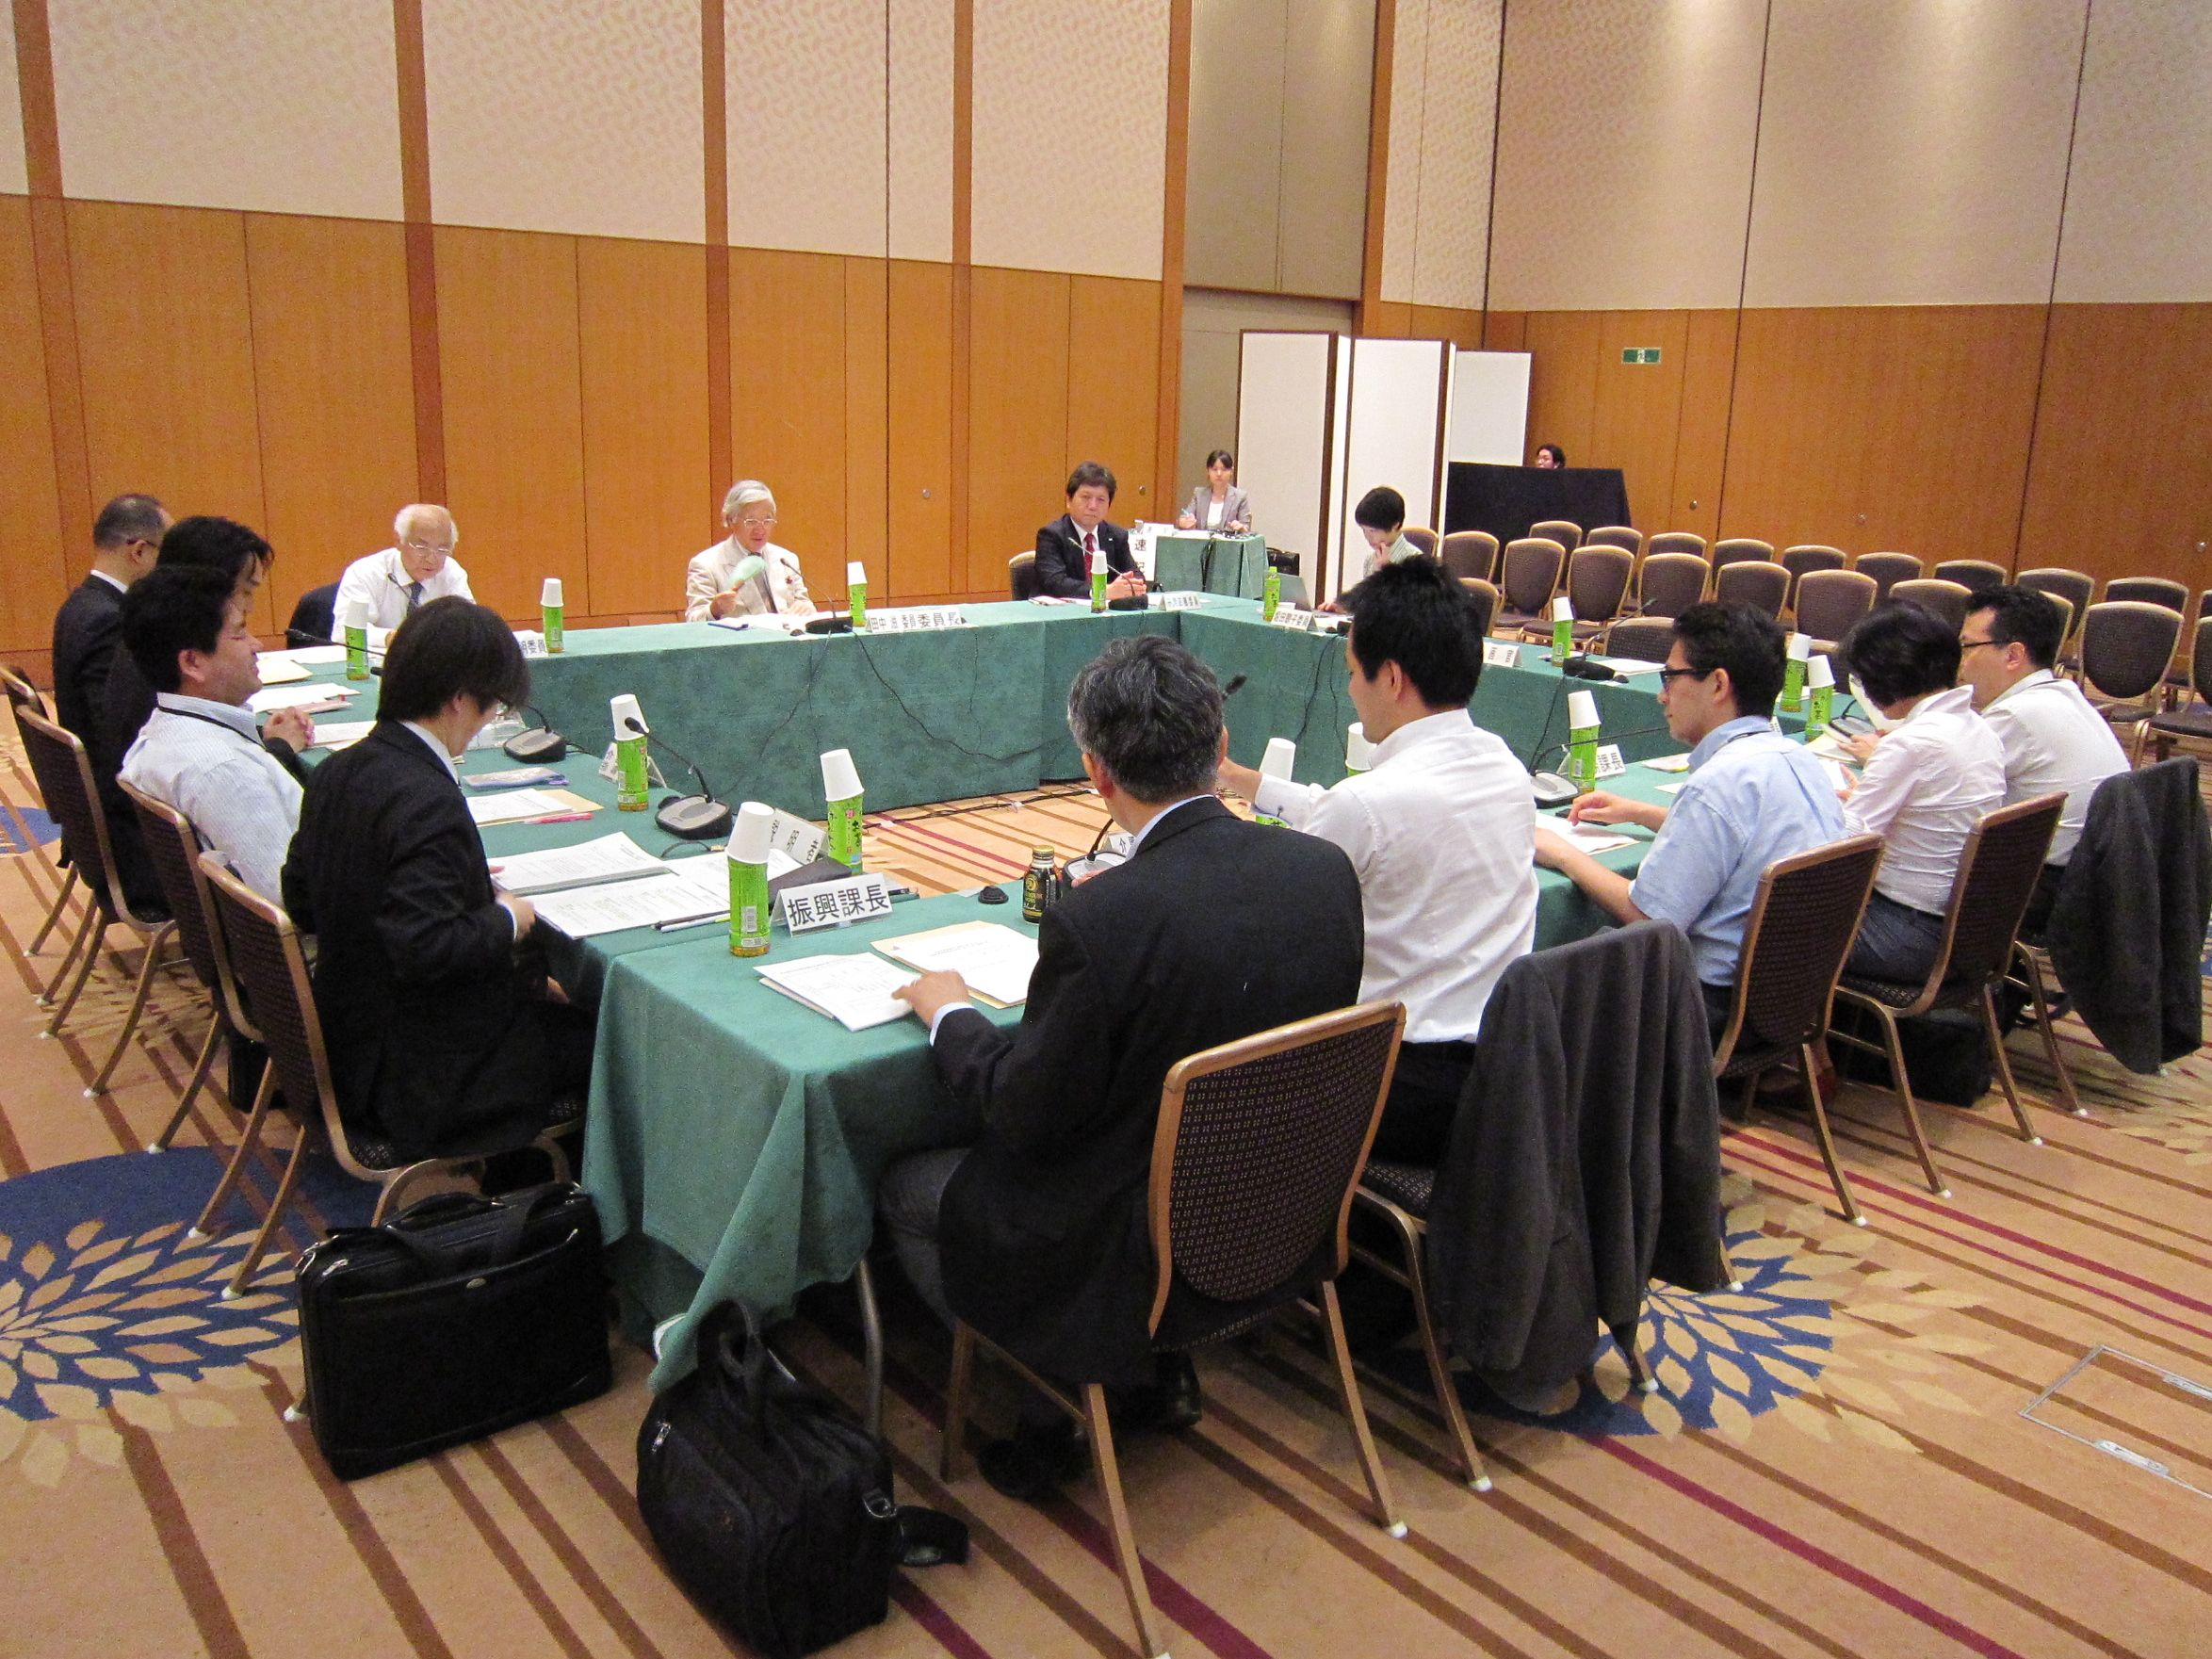 6月8日に開催された、「第20回 社会保障審議会 介護給付費分科会 介護事業経営調査委員会」